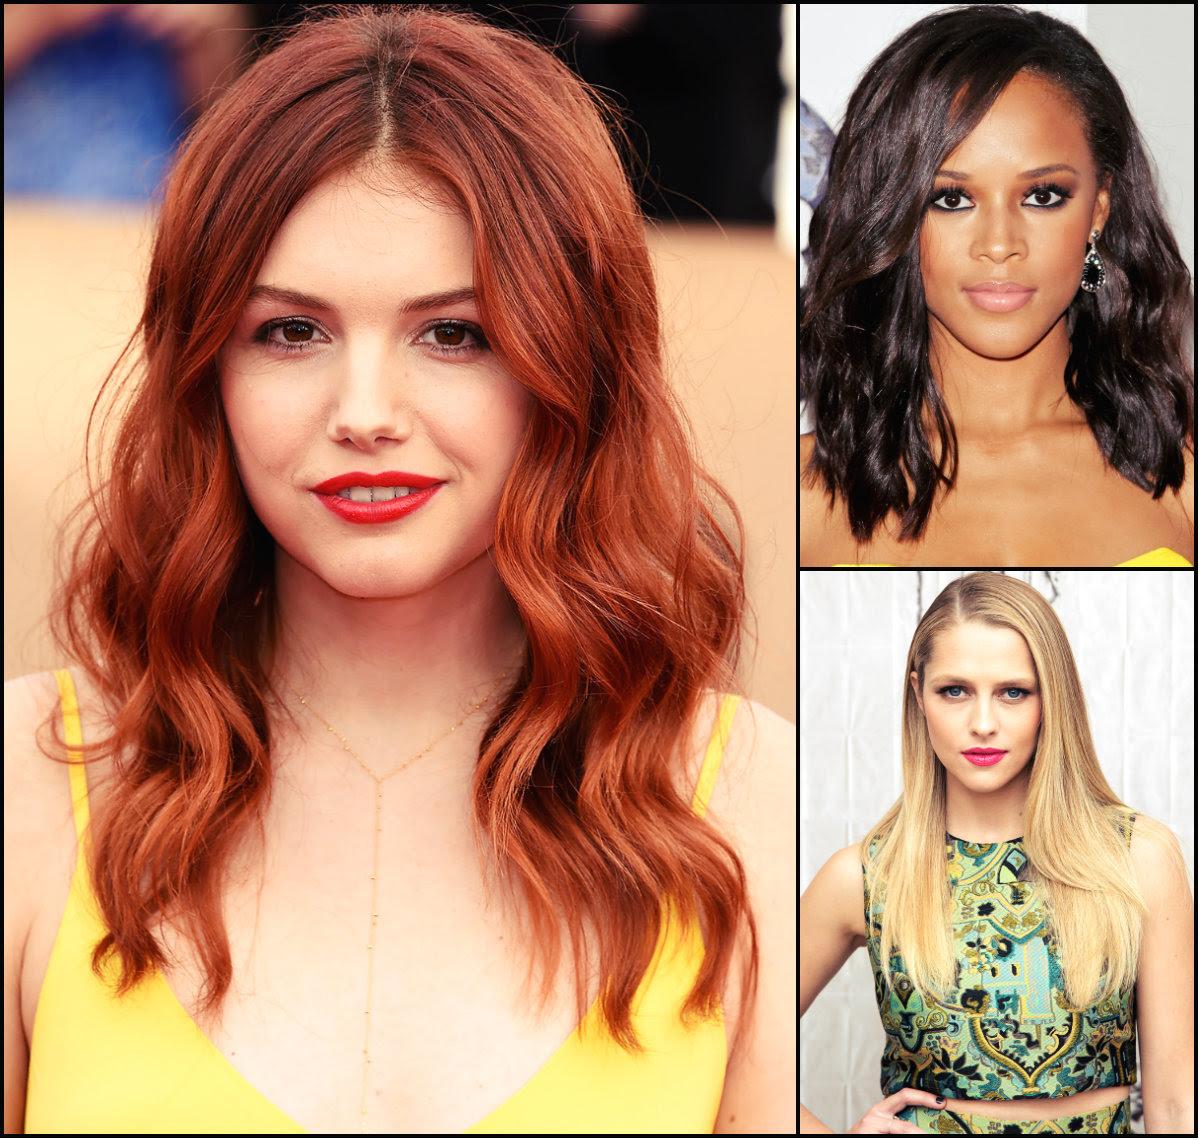 Trendiest Hair Colors 2016 Summer Hairstyles 2017 Hair Colors And Haircutshairstyles 2016 Hair Colors And Haircuts